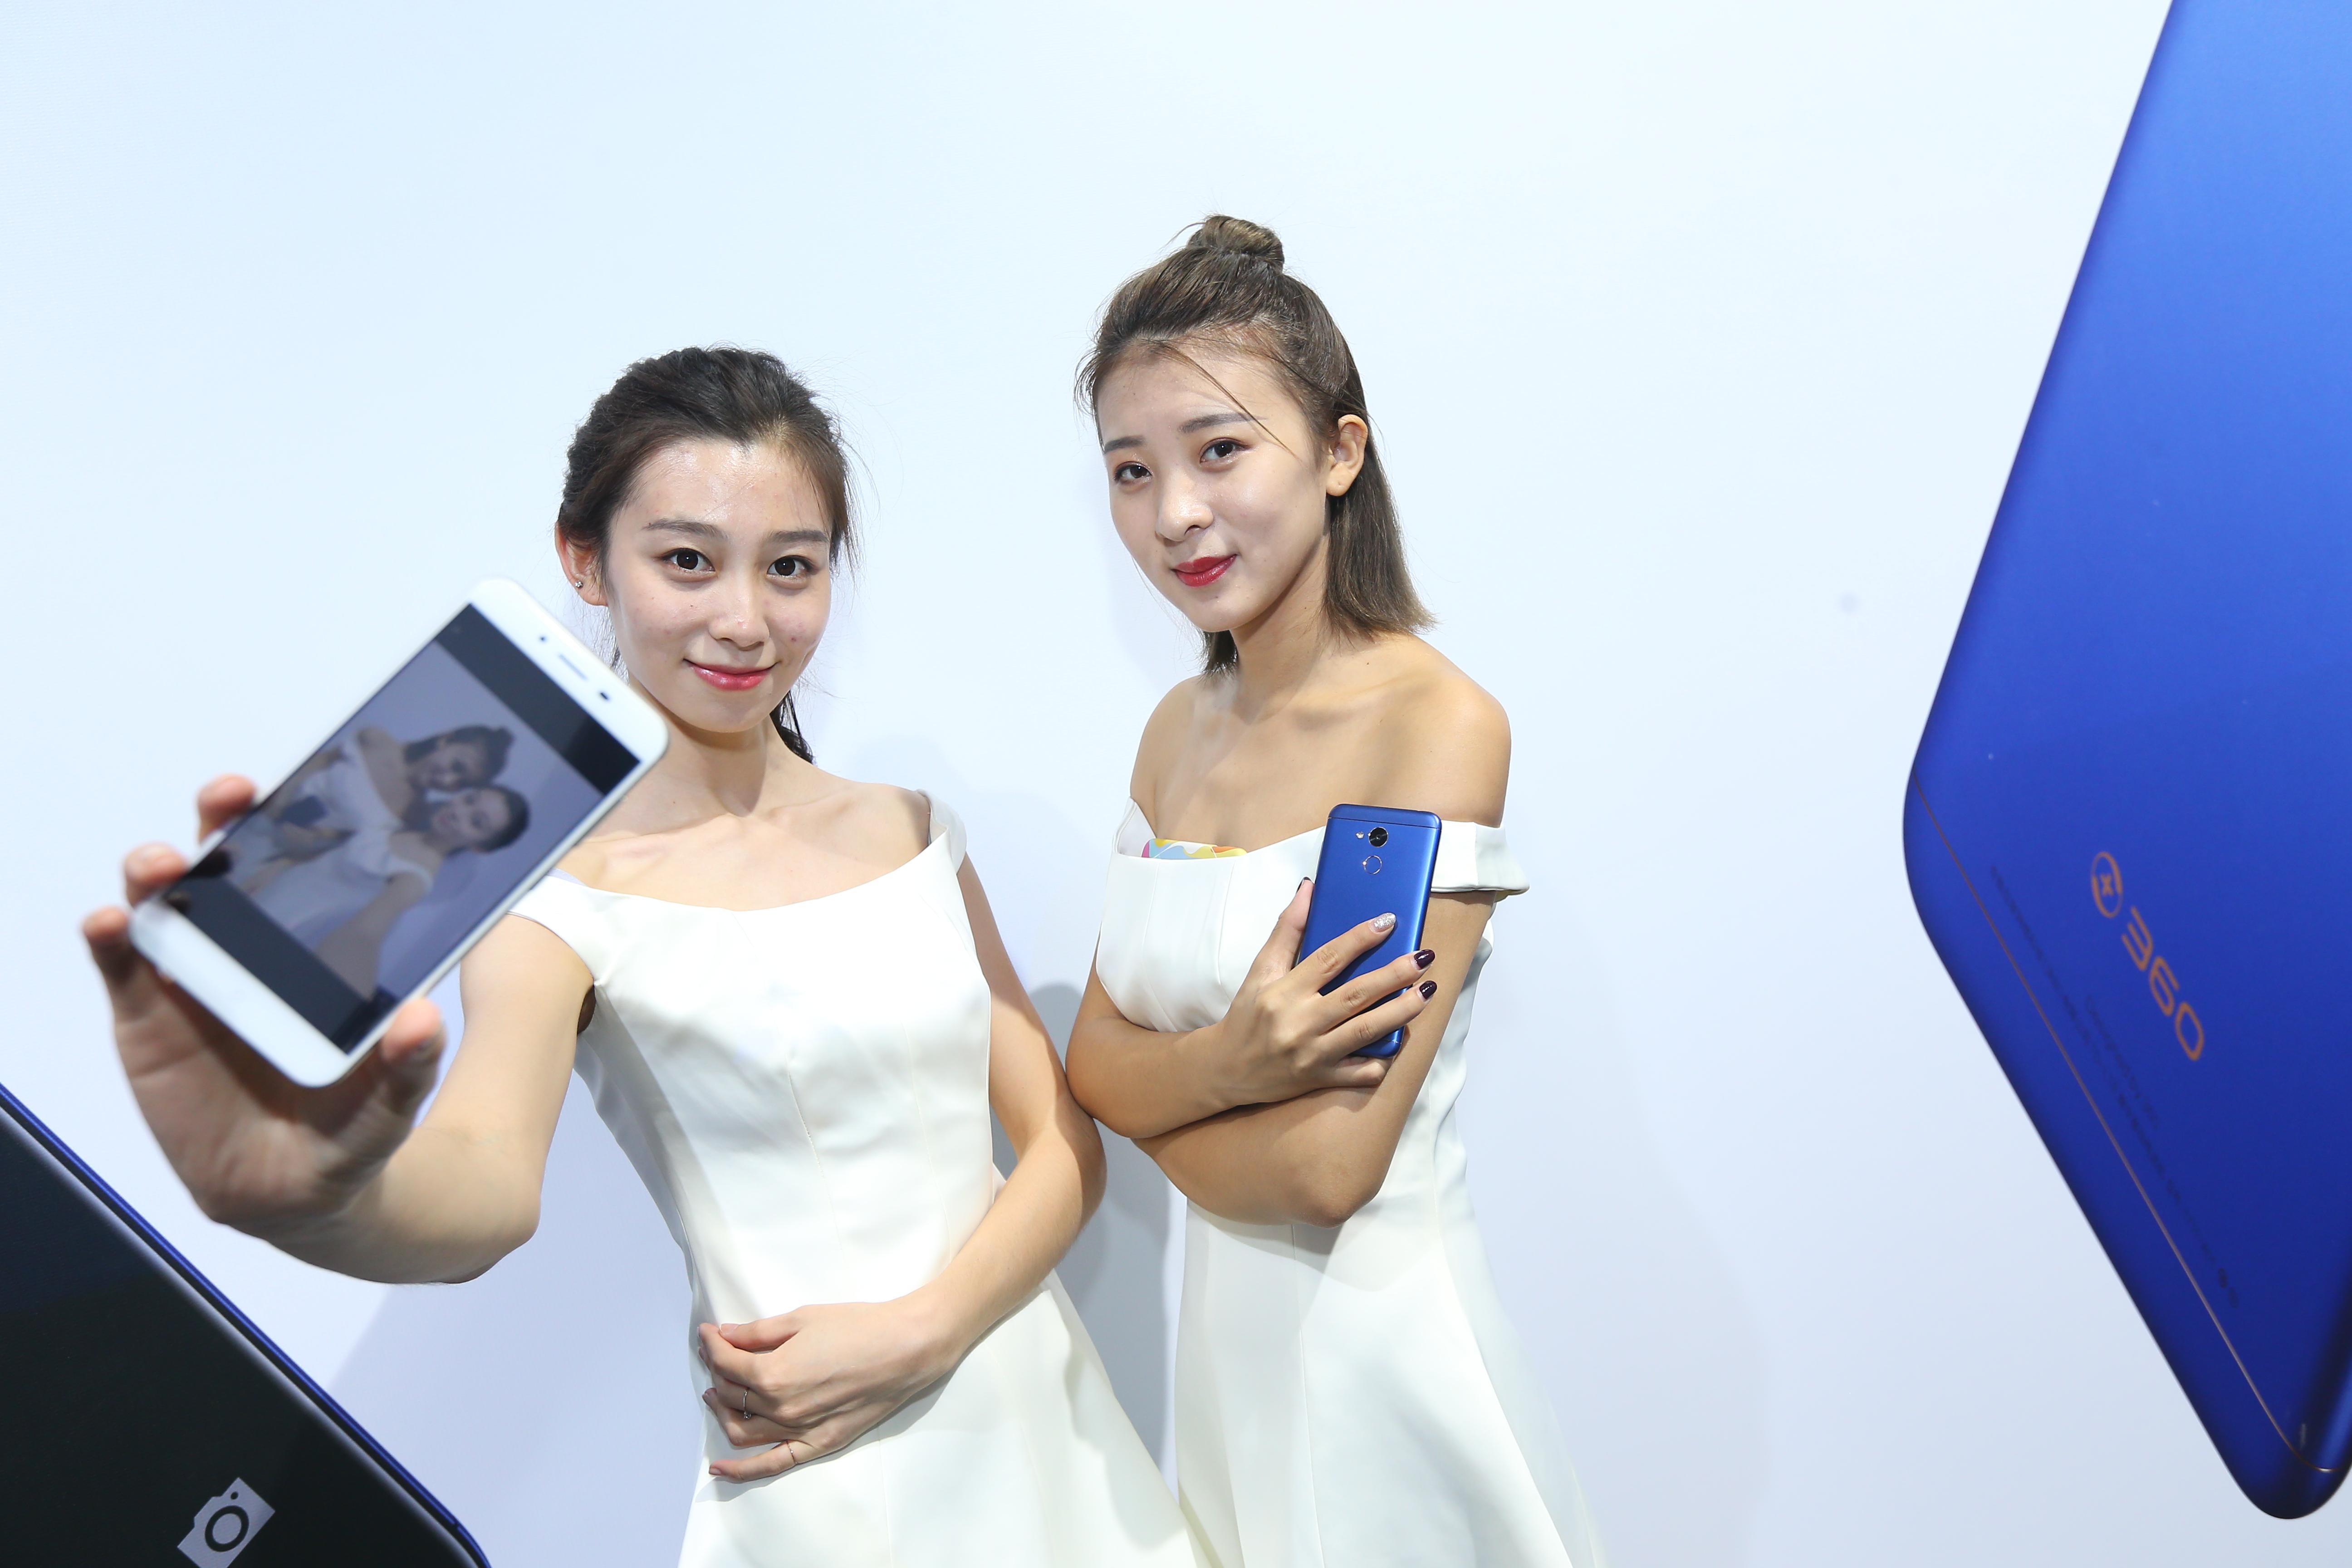 360手机推出899元vizza新机 面向年轻化市场